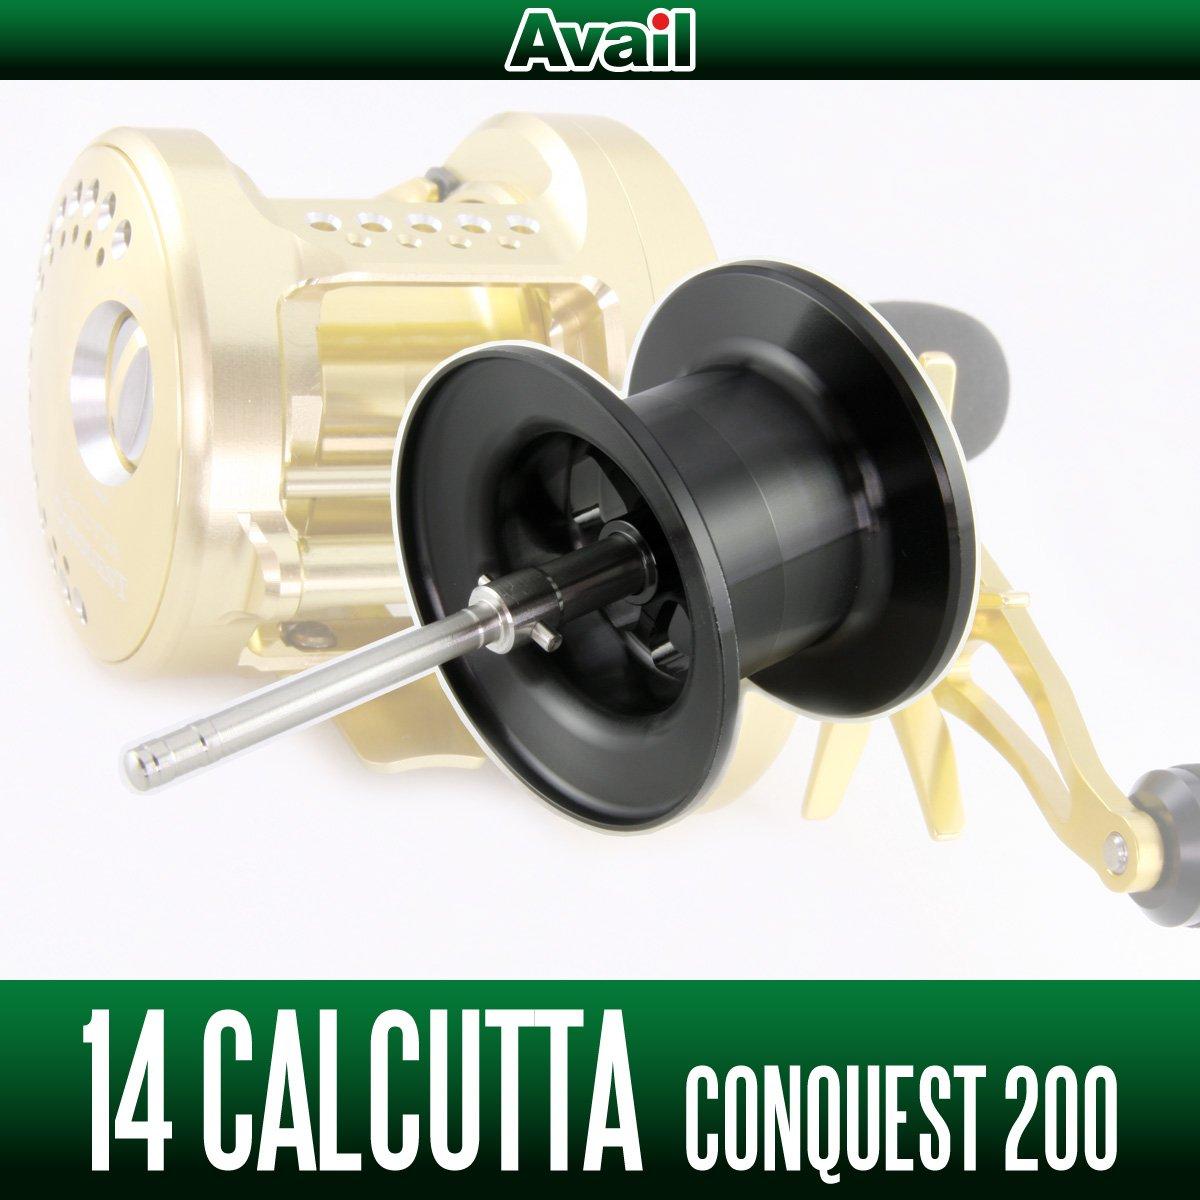 【Avail/アベイル】 シマノ 14カルカッタコンクエスト200用 NEWマイクロキャストスプール 14CNQ2060R ブラック   B00YAH4OHE